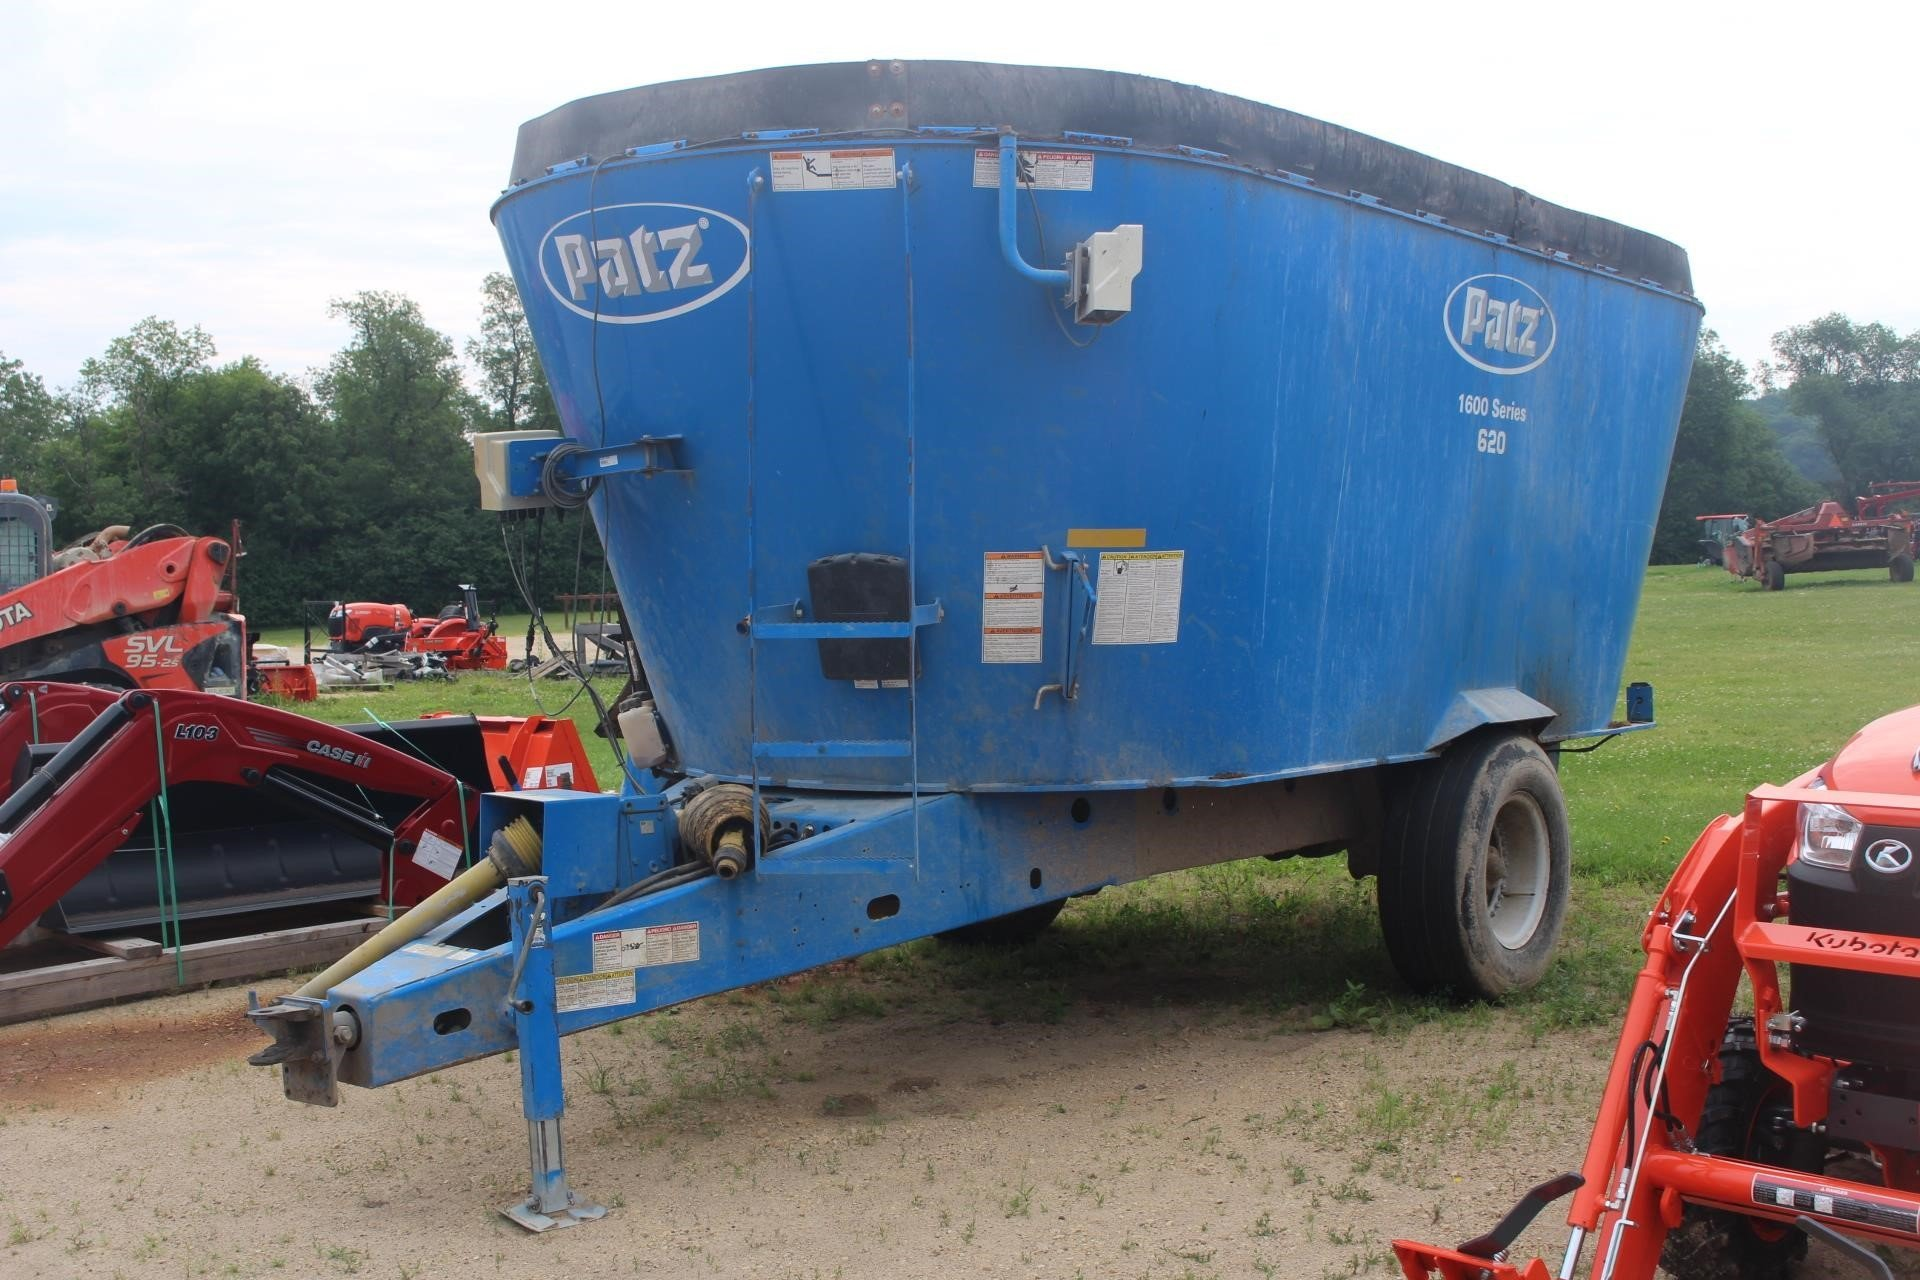 2016 Patz 1600 SERIES 620 Feed Wagon